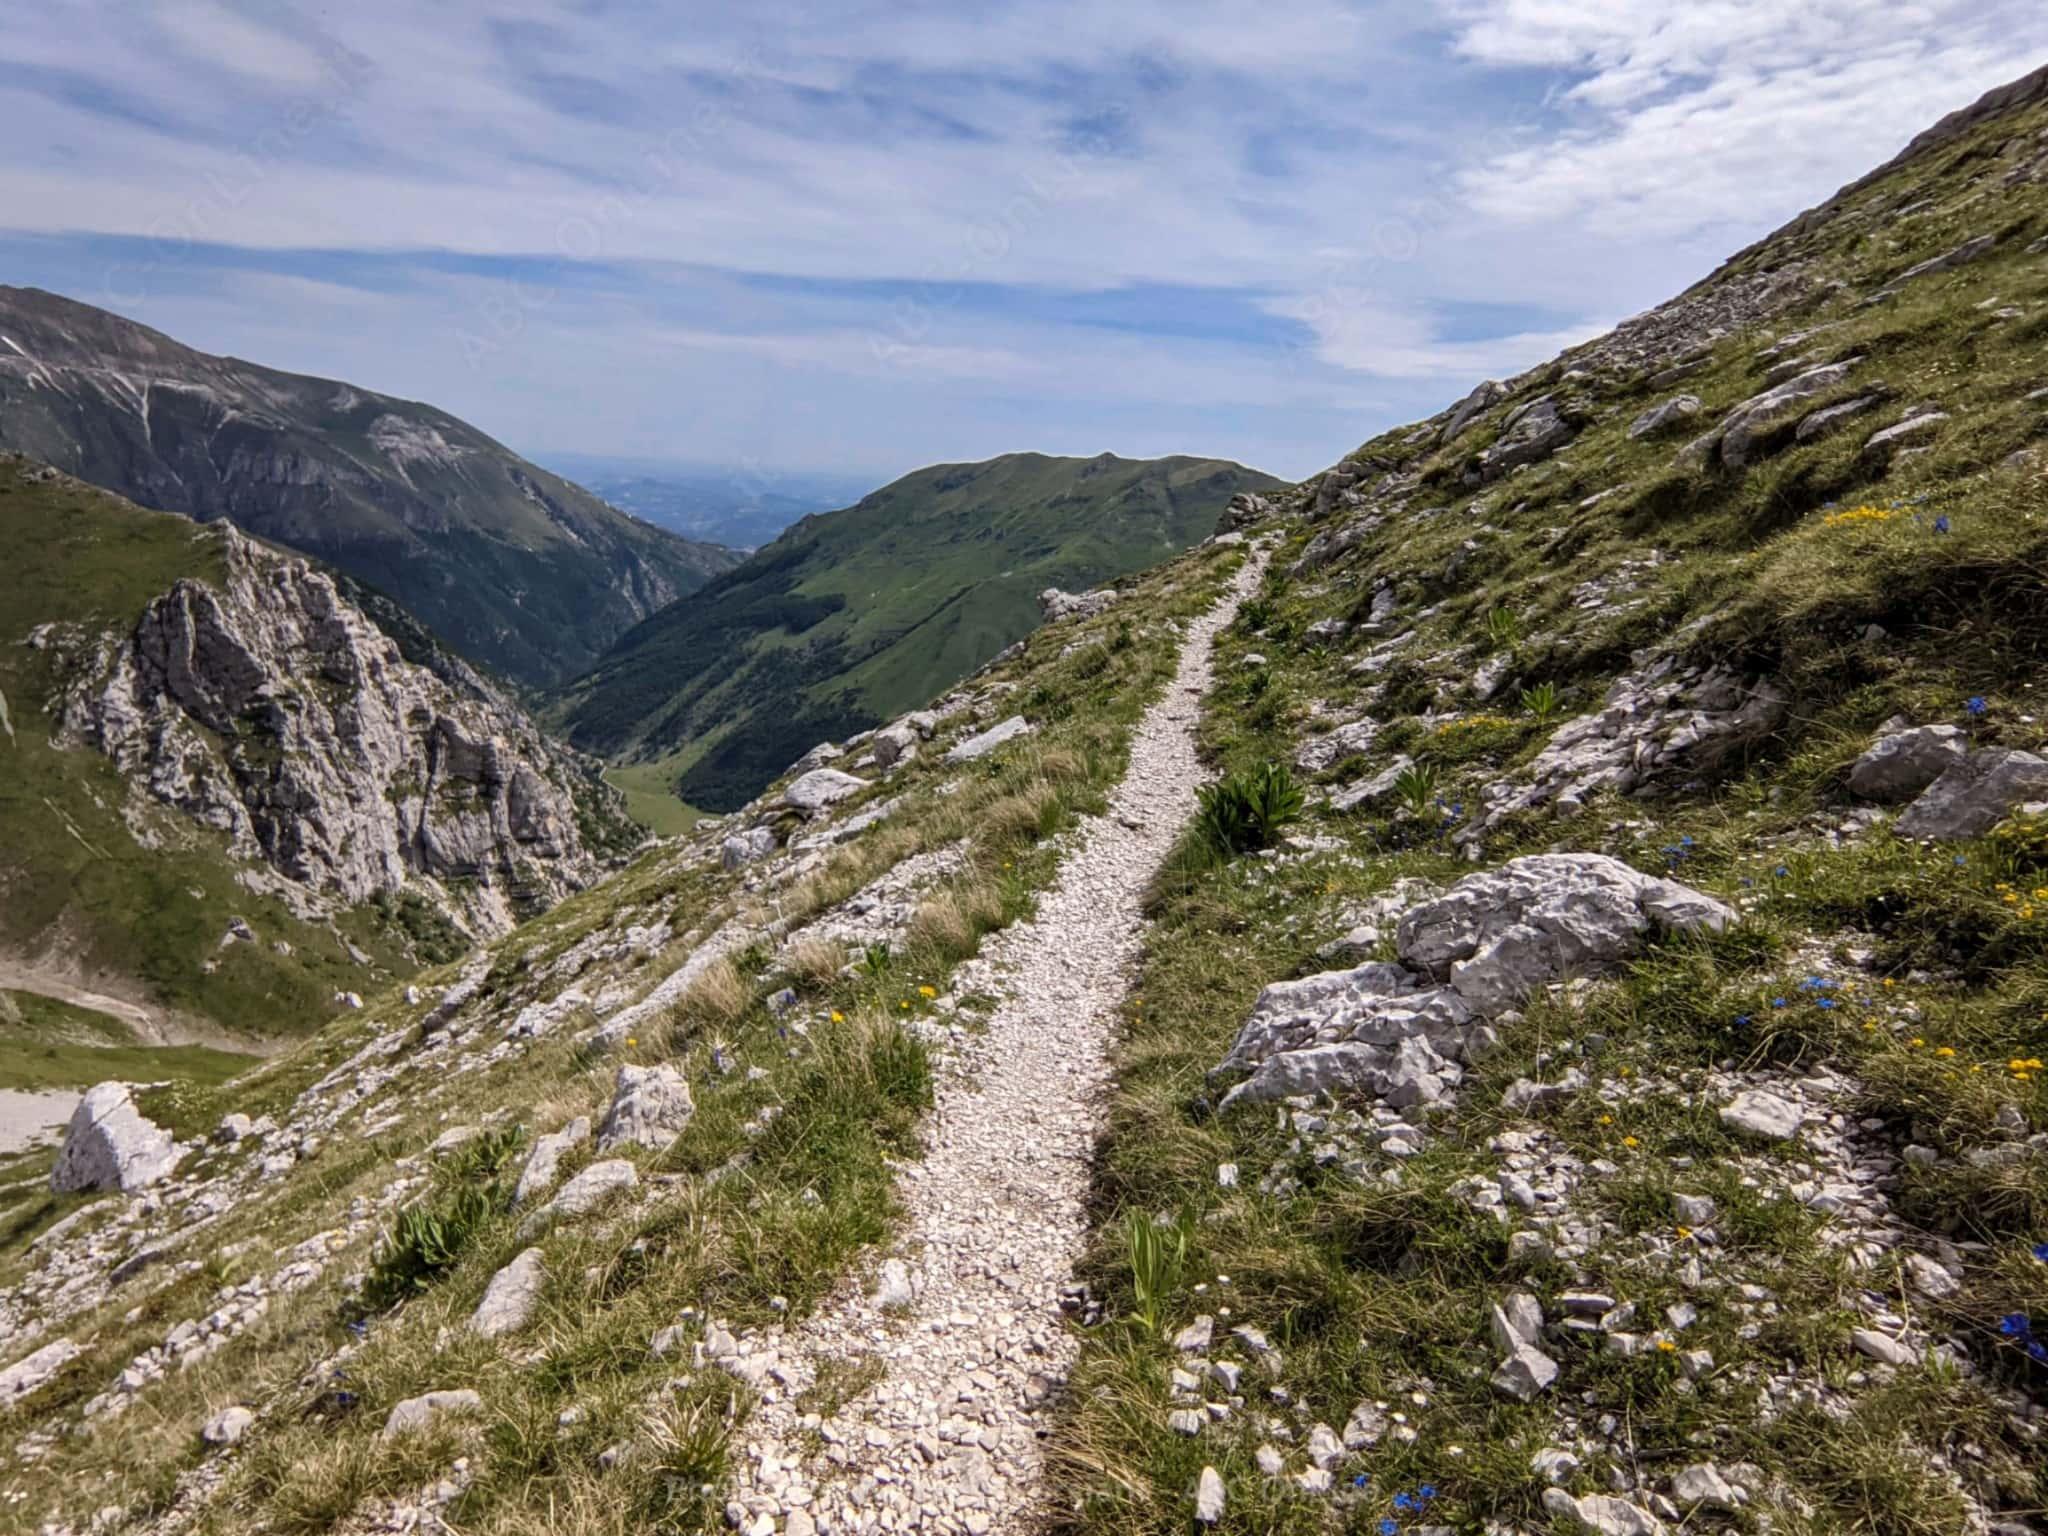 Escursione al Lago di Pilato partendo da Norcia